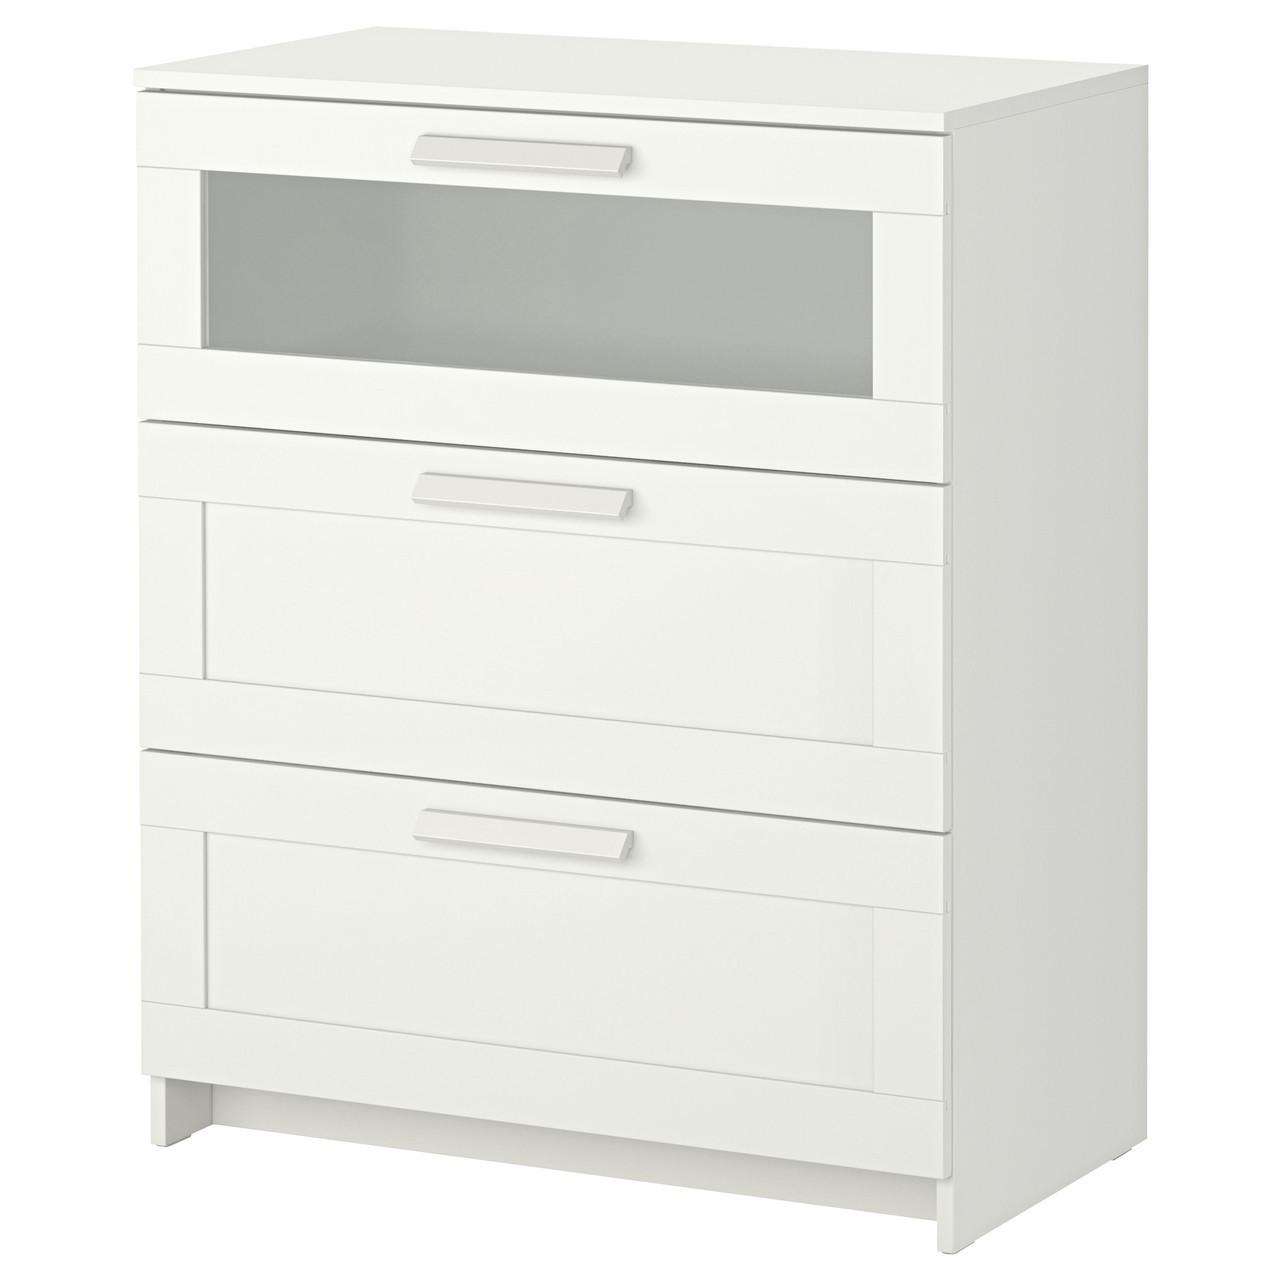 Комод с 3 ящиками IKEA BRIMNES белый матовое стекло 802.180.24